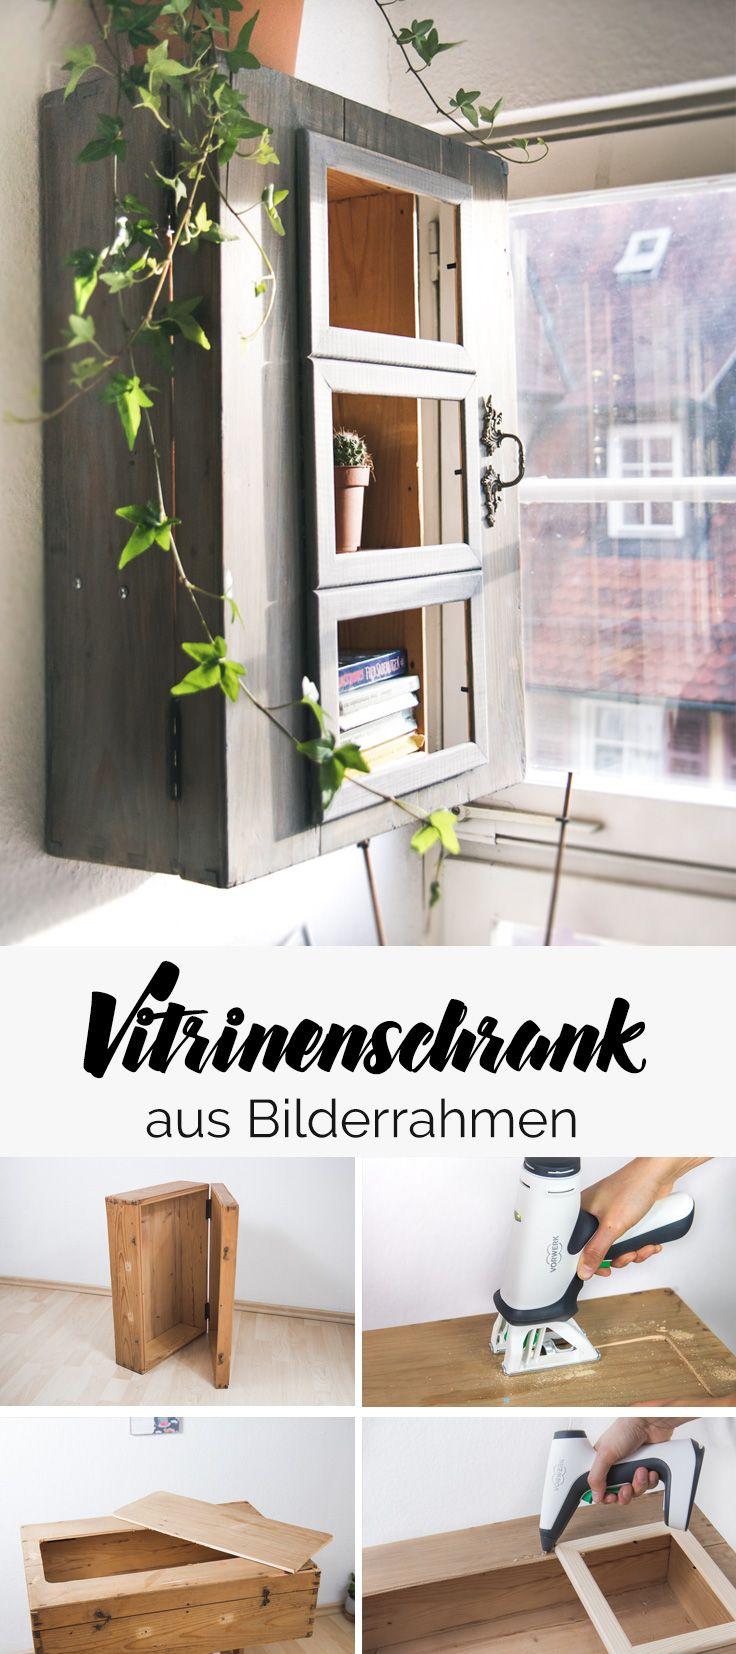 DIY Vitrinenschrank aus Holzmöbel & Ikea Bilderrahmen - einfach DIY!